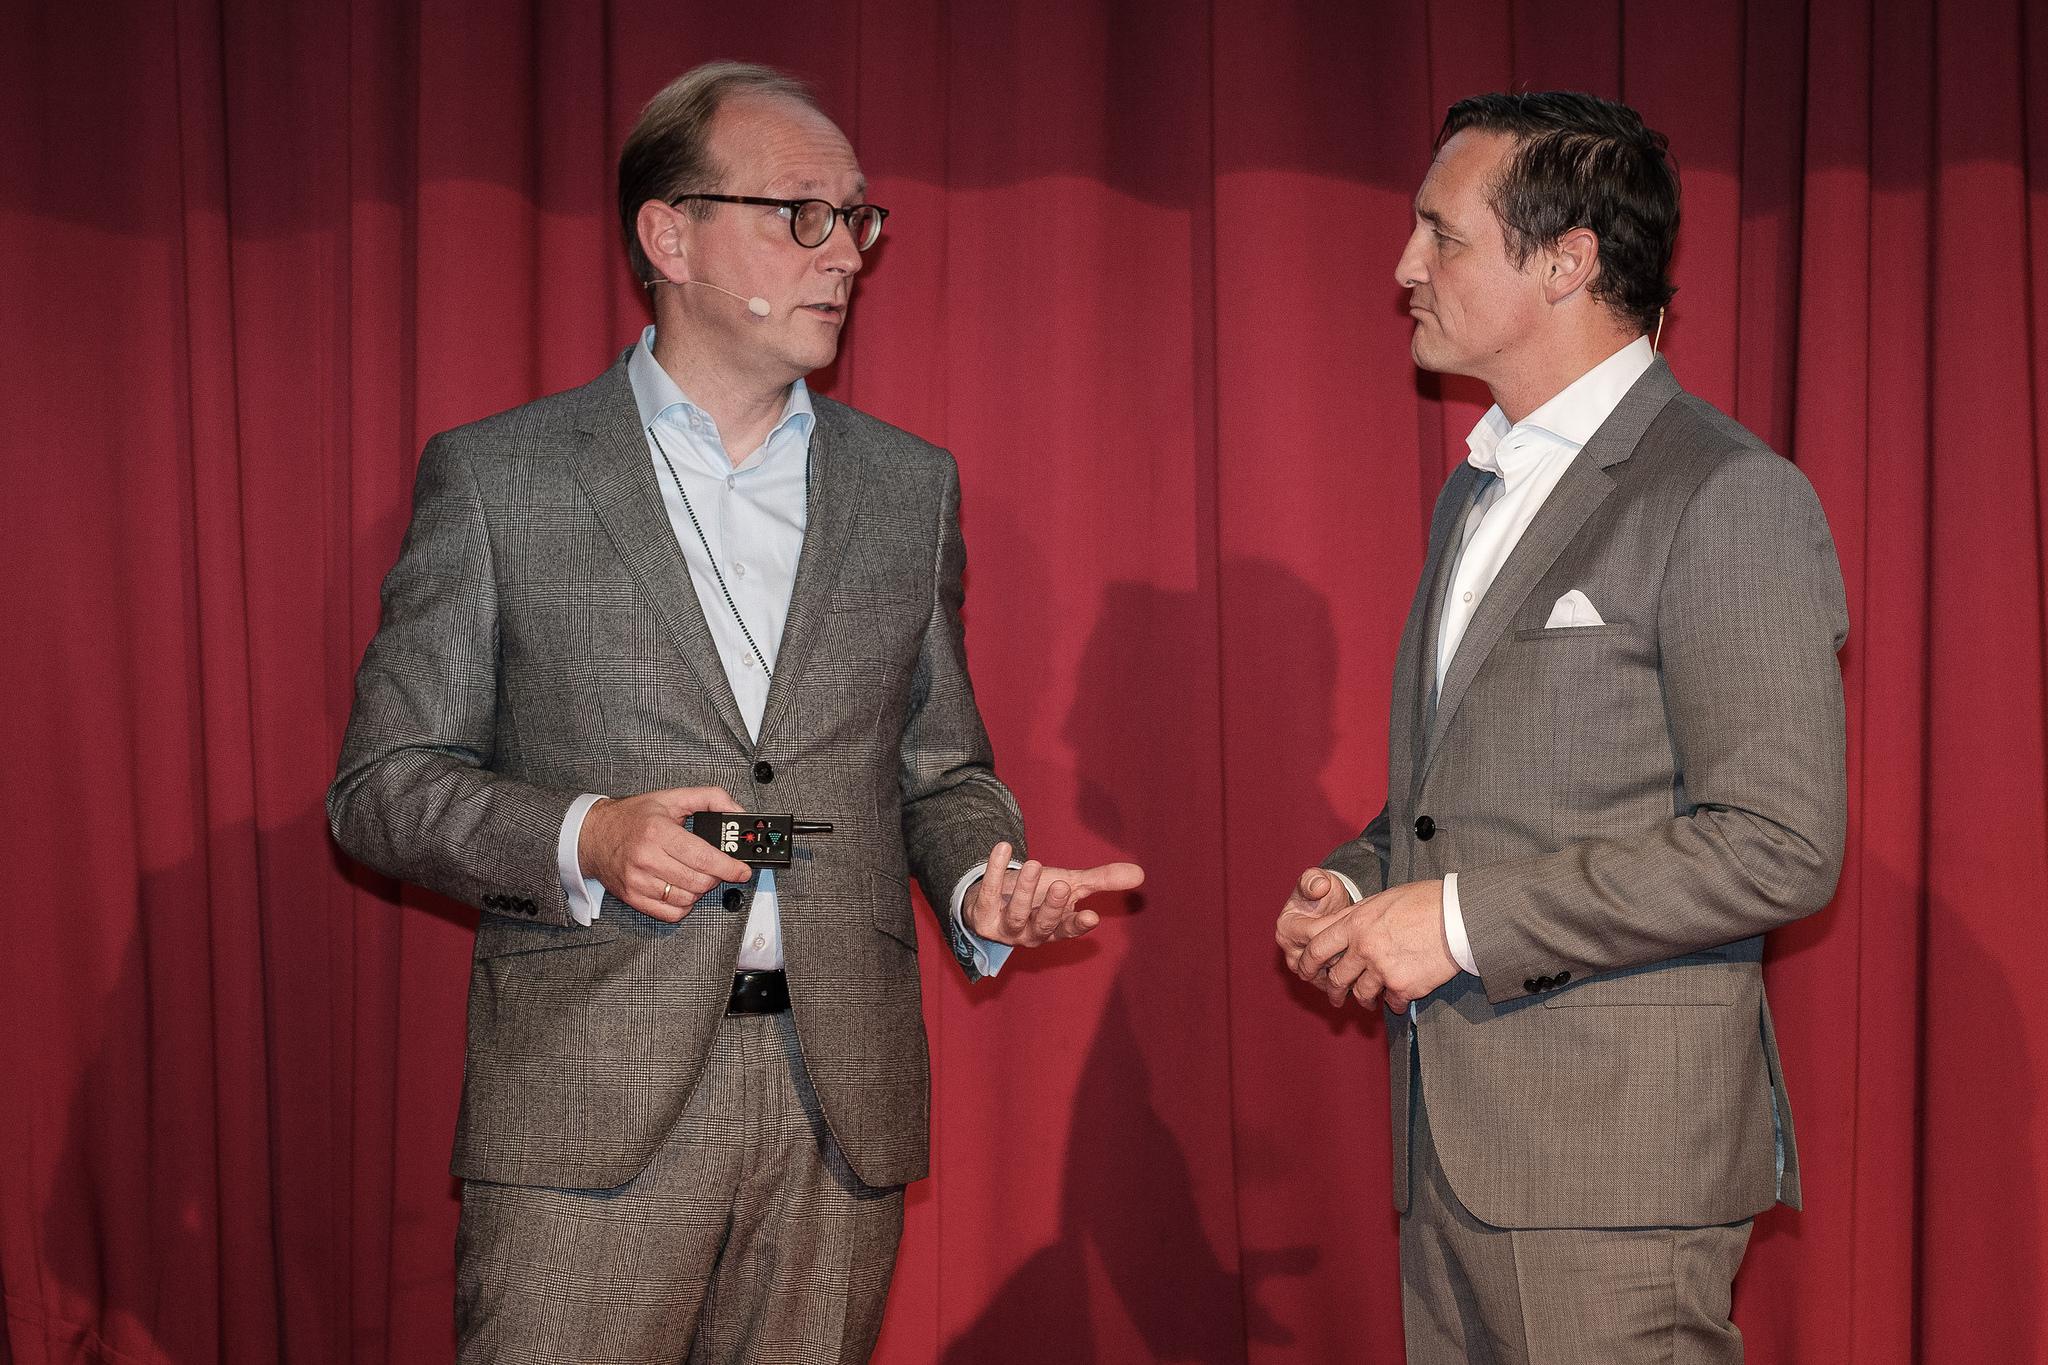 eco://kongress & eco:awards: Gemeinsam die digitale Zukunft gestalten 5